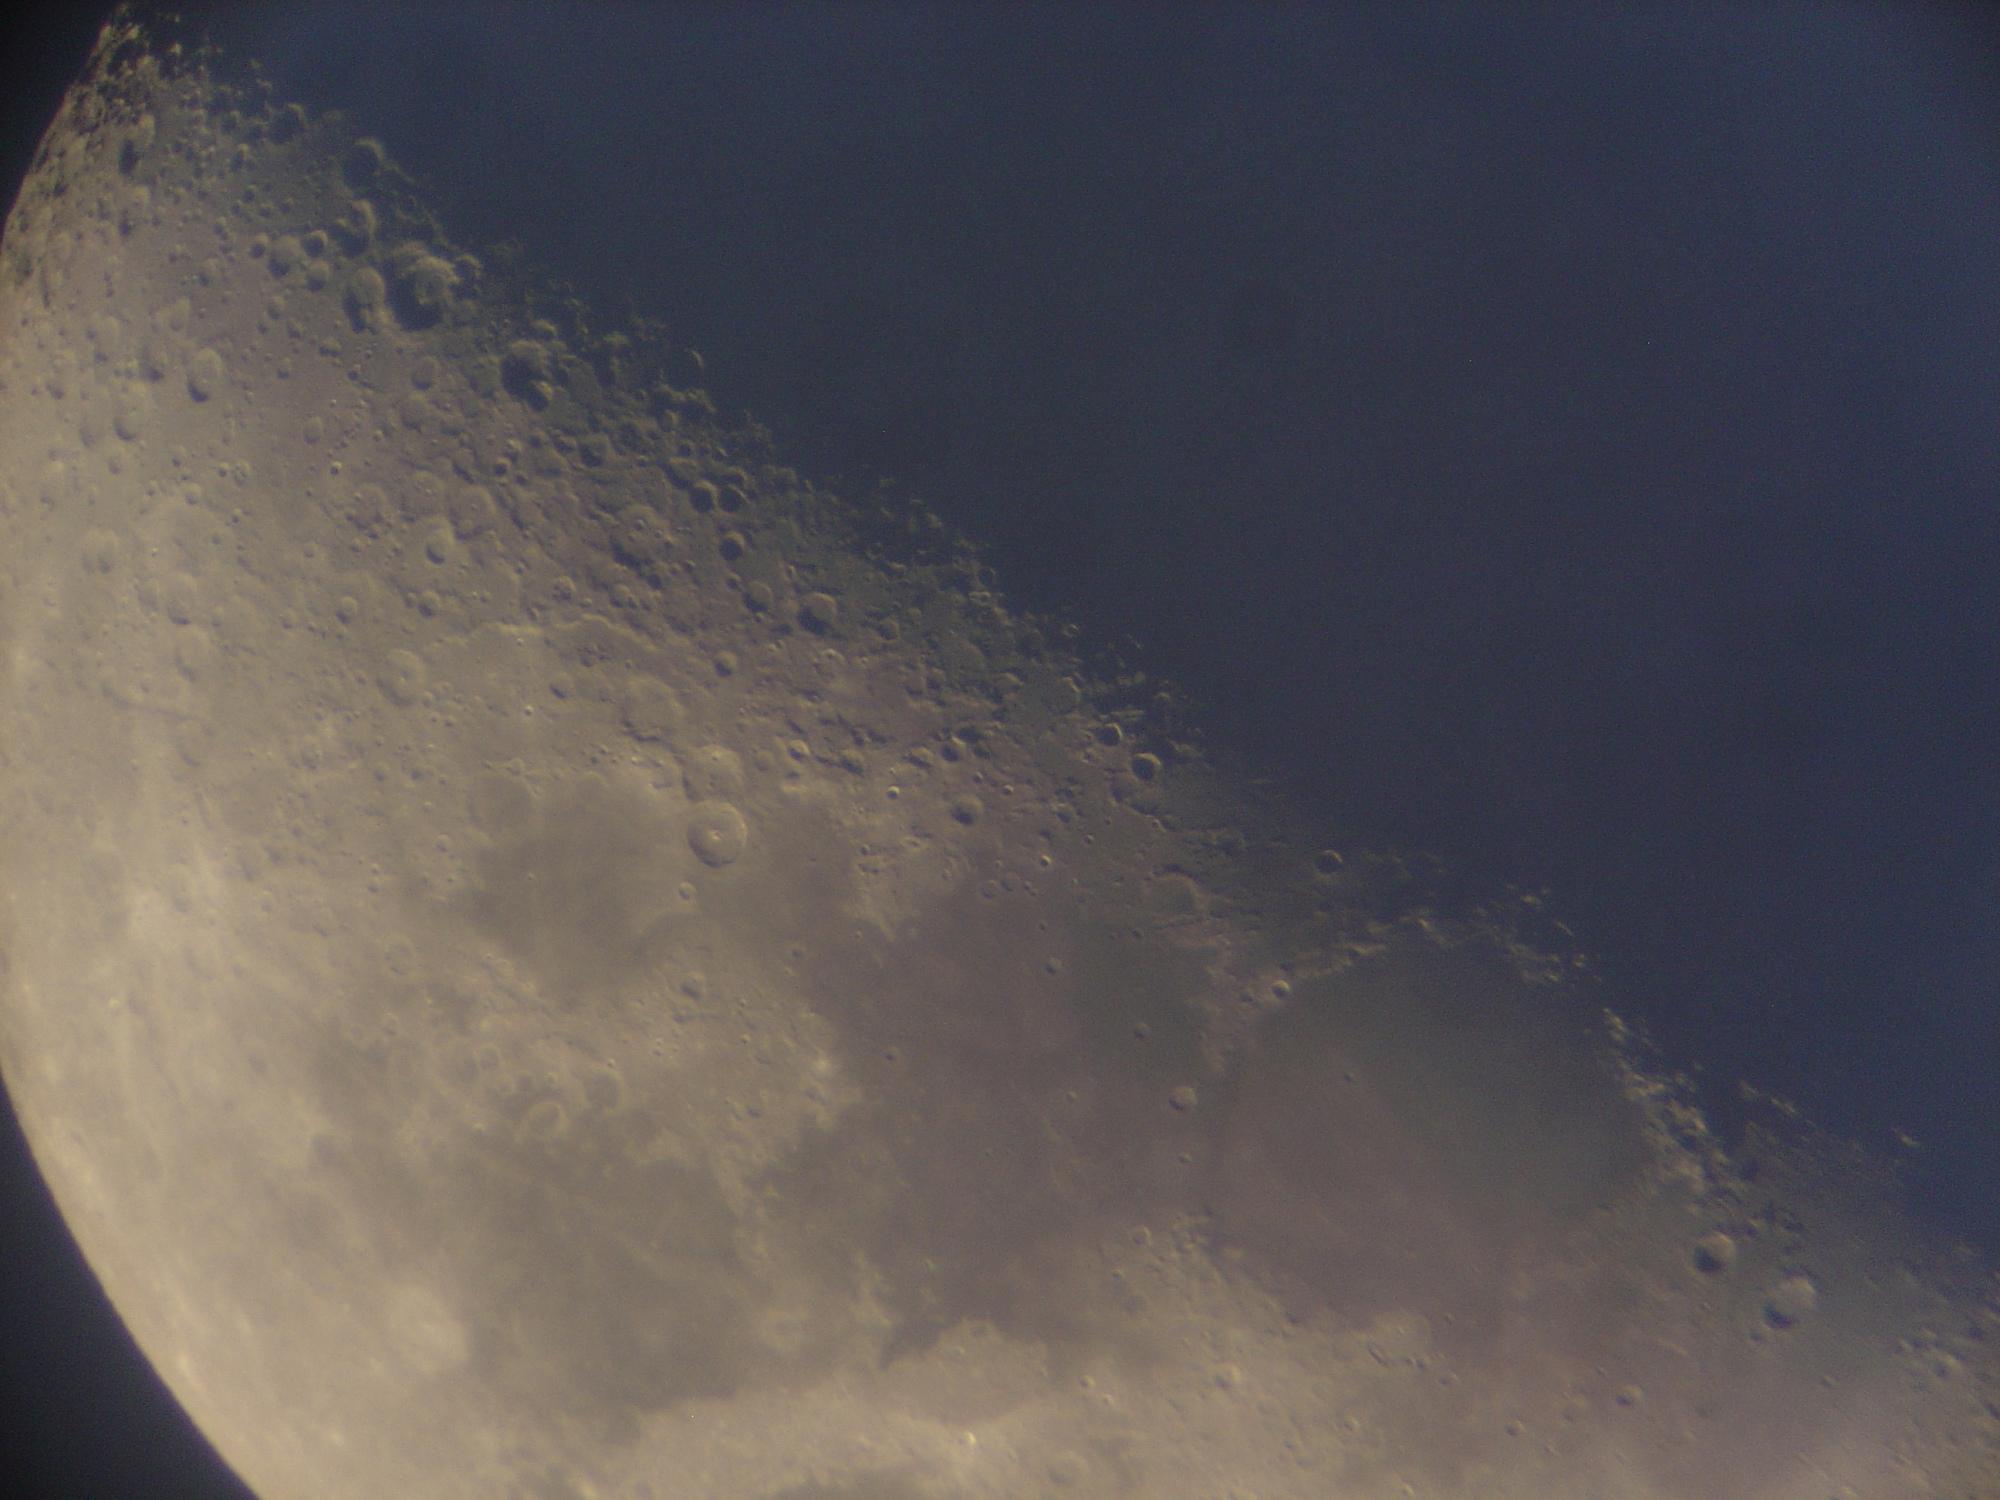 11 lune 150 newton nagler de 16 ou 9 a voir de plus pret3 .jpg